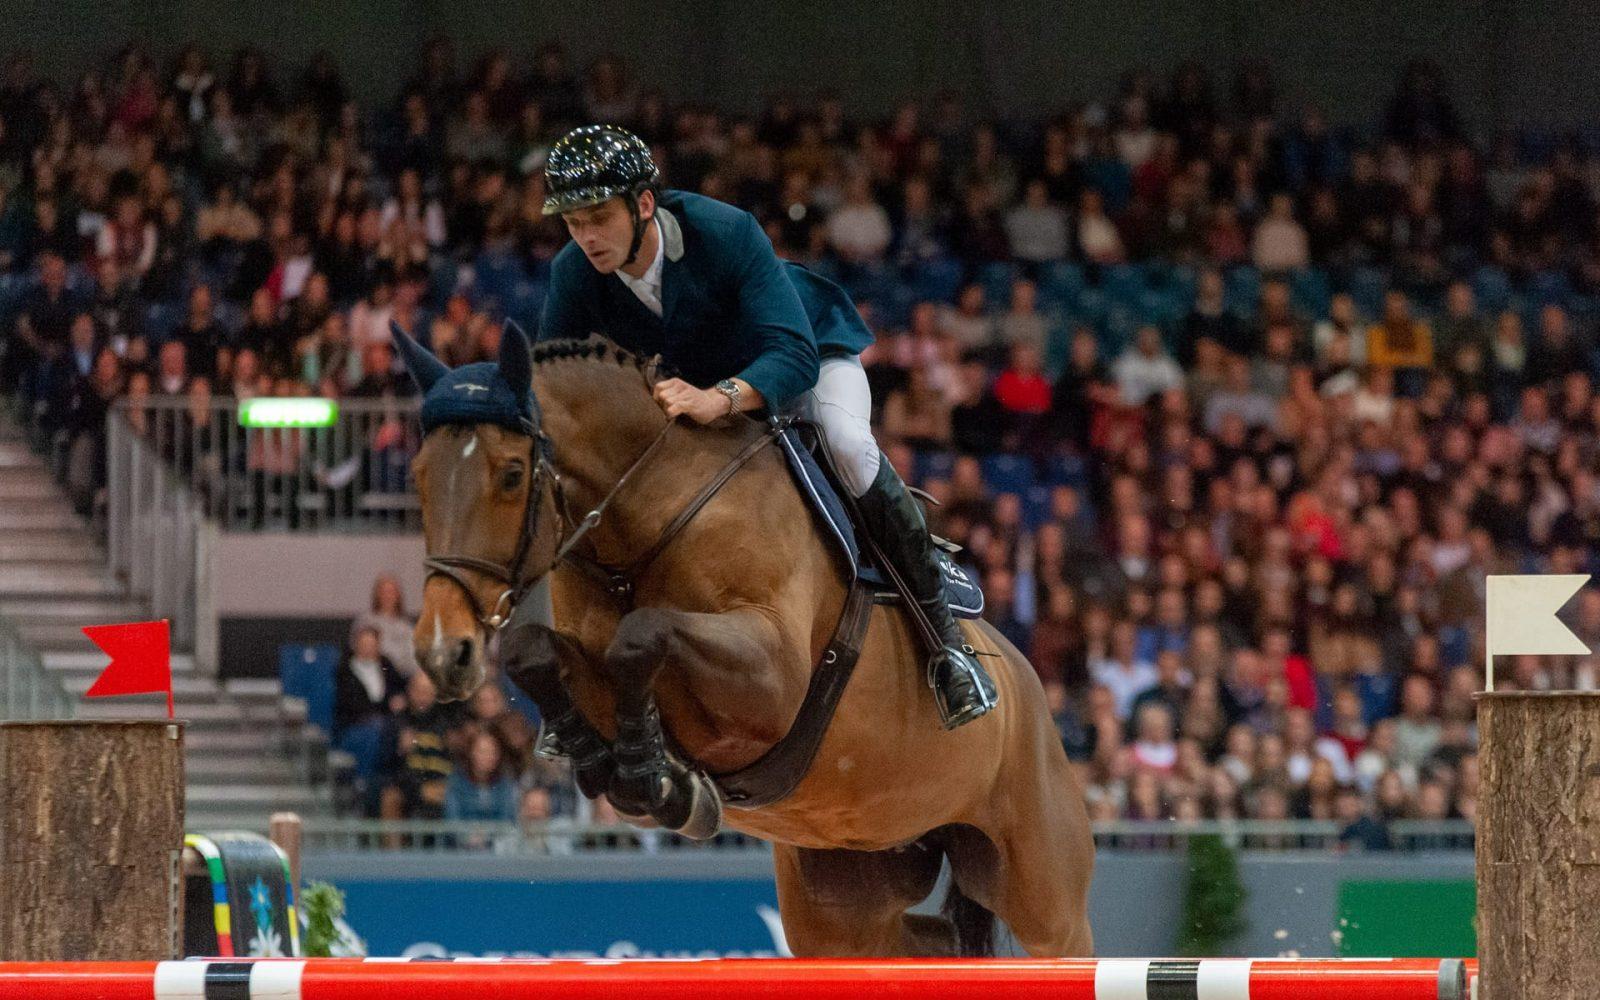 Sieg für Werner Muff im Prix Starling Hotel Geneva – Speed Competition beim CHI in Genf